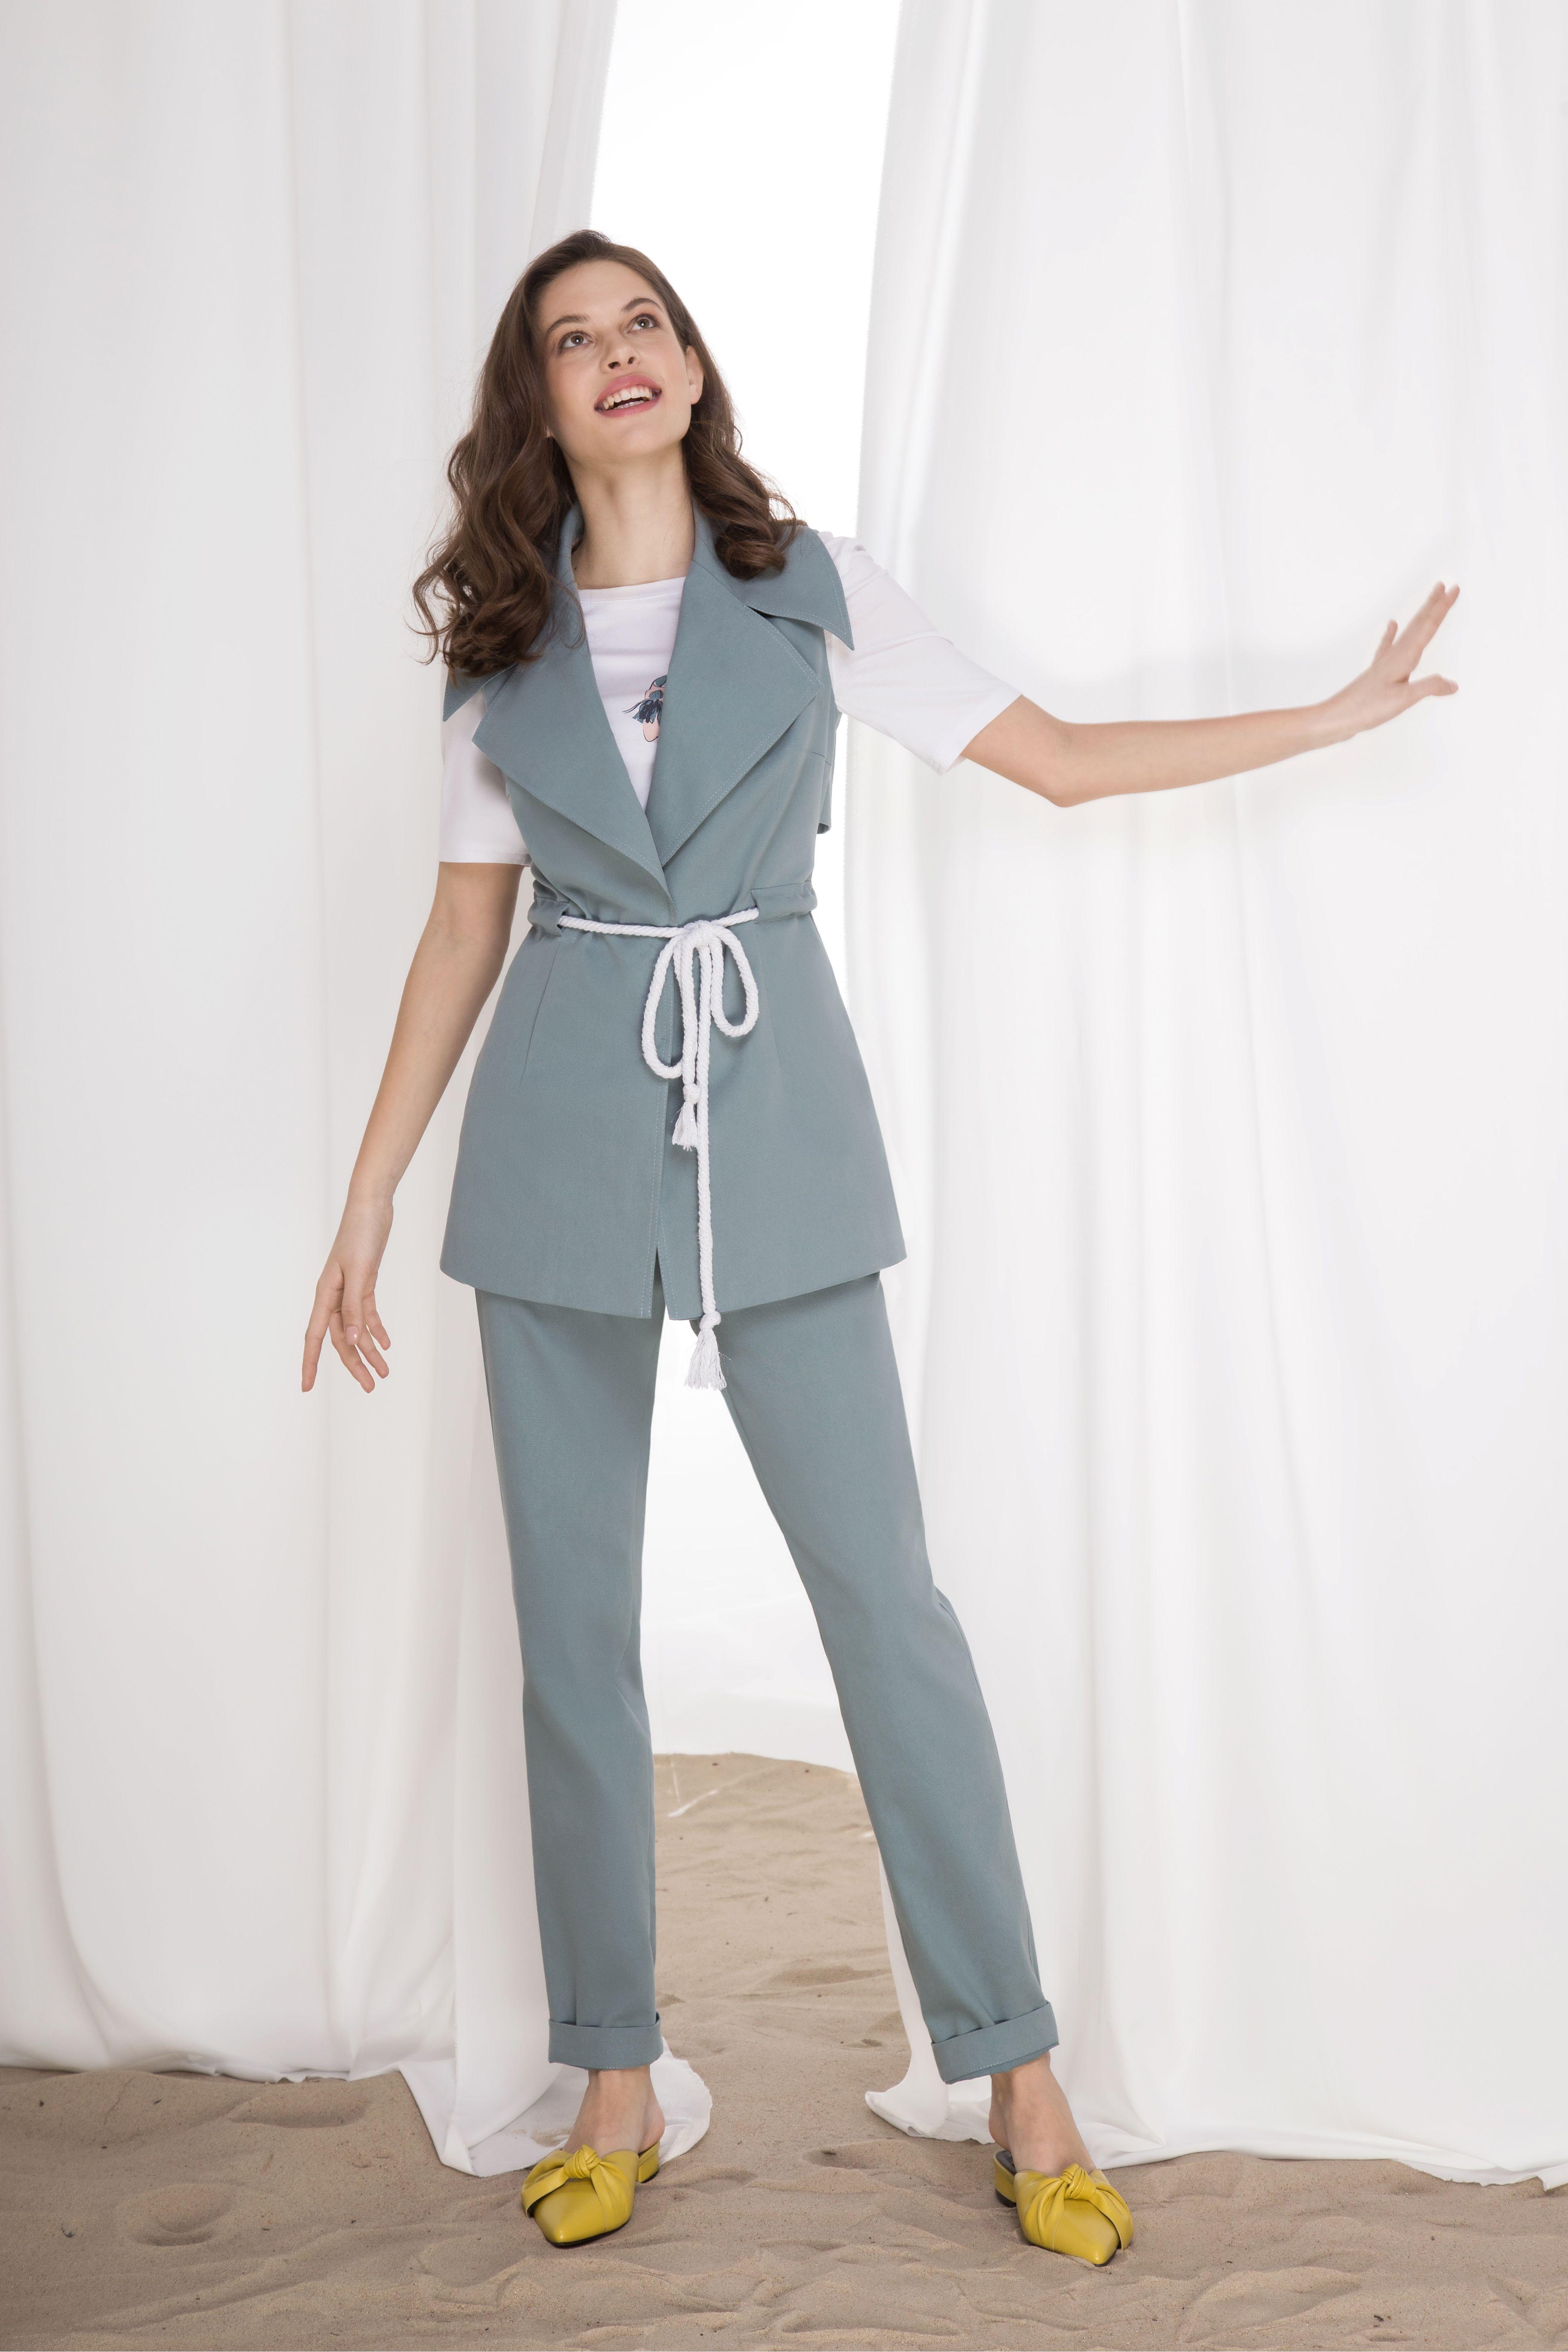 ee5b93e6e799e Офисный летний брючный костюм, жакет с лацканами, жилет в костюмном стиле,  тренд 2019